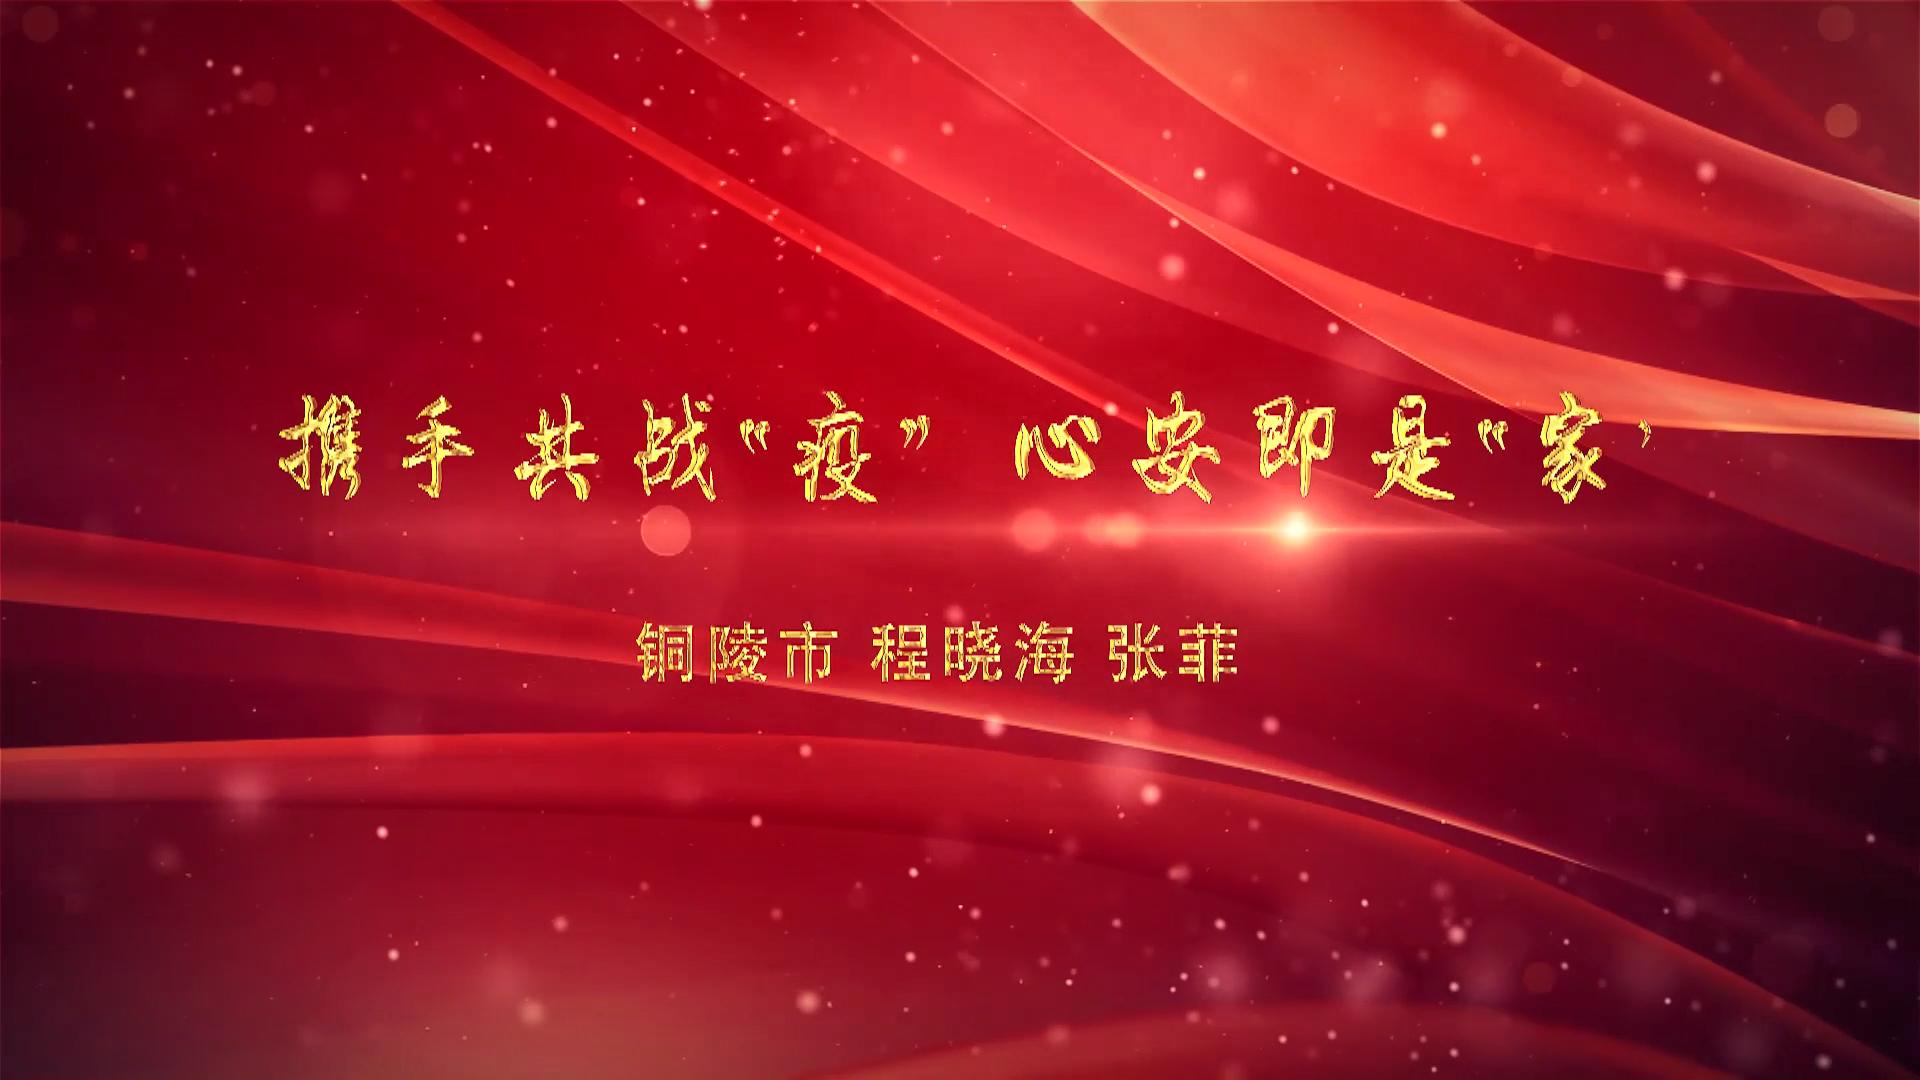 中国好人 程晓海 张菲 (铜陵市)[00_00_03][20201019-102904].png